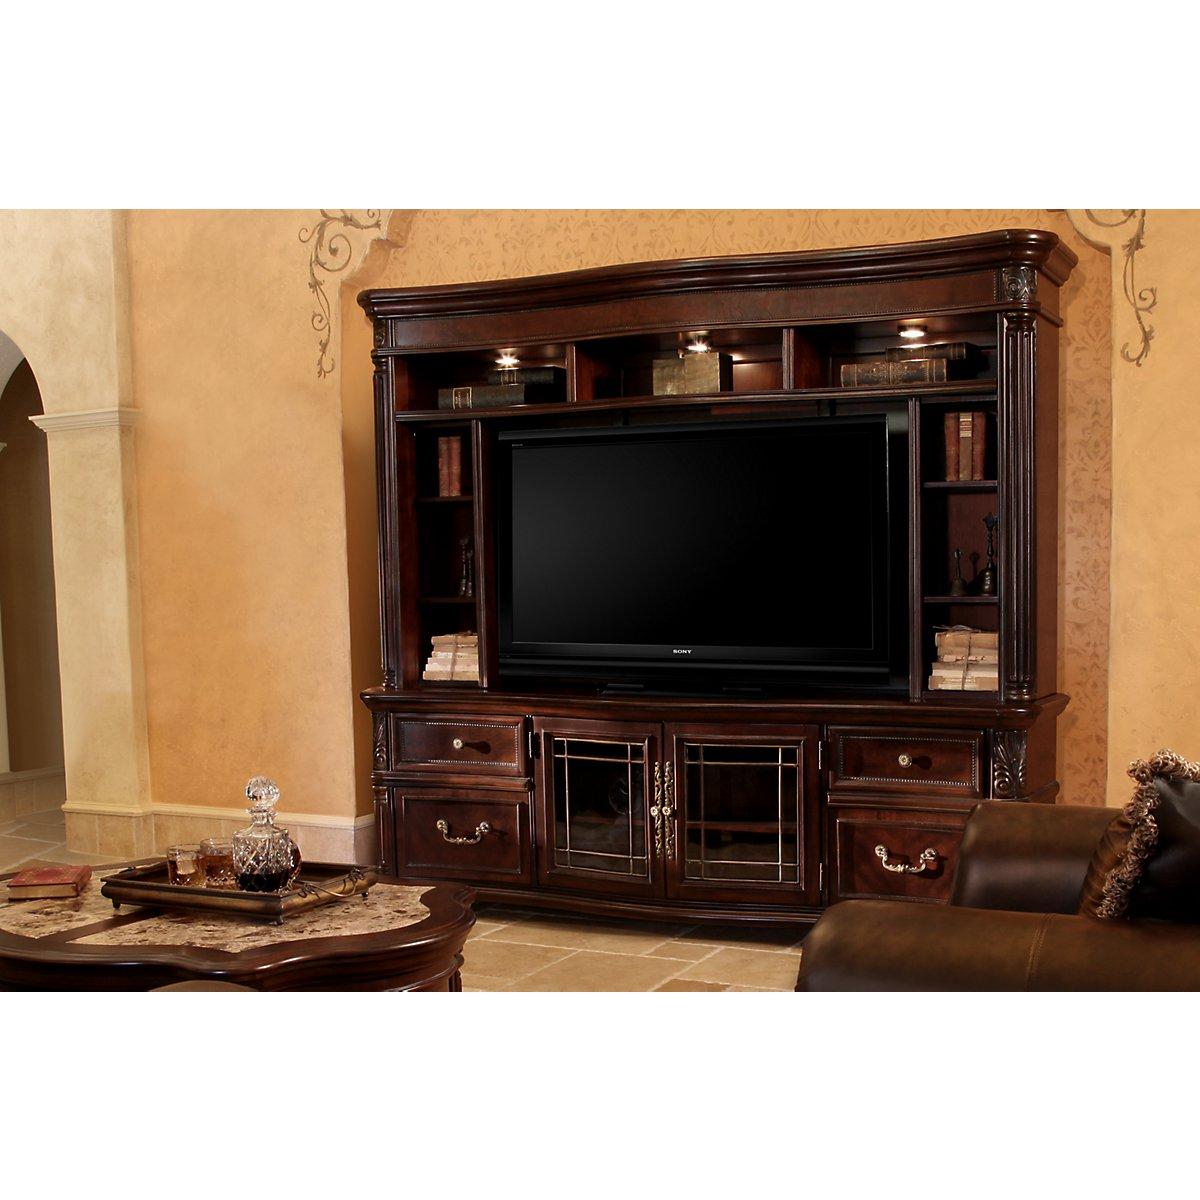 City Furniture Regal Dark Tone 86 Tv Stand